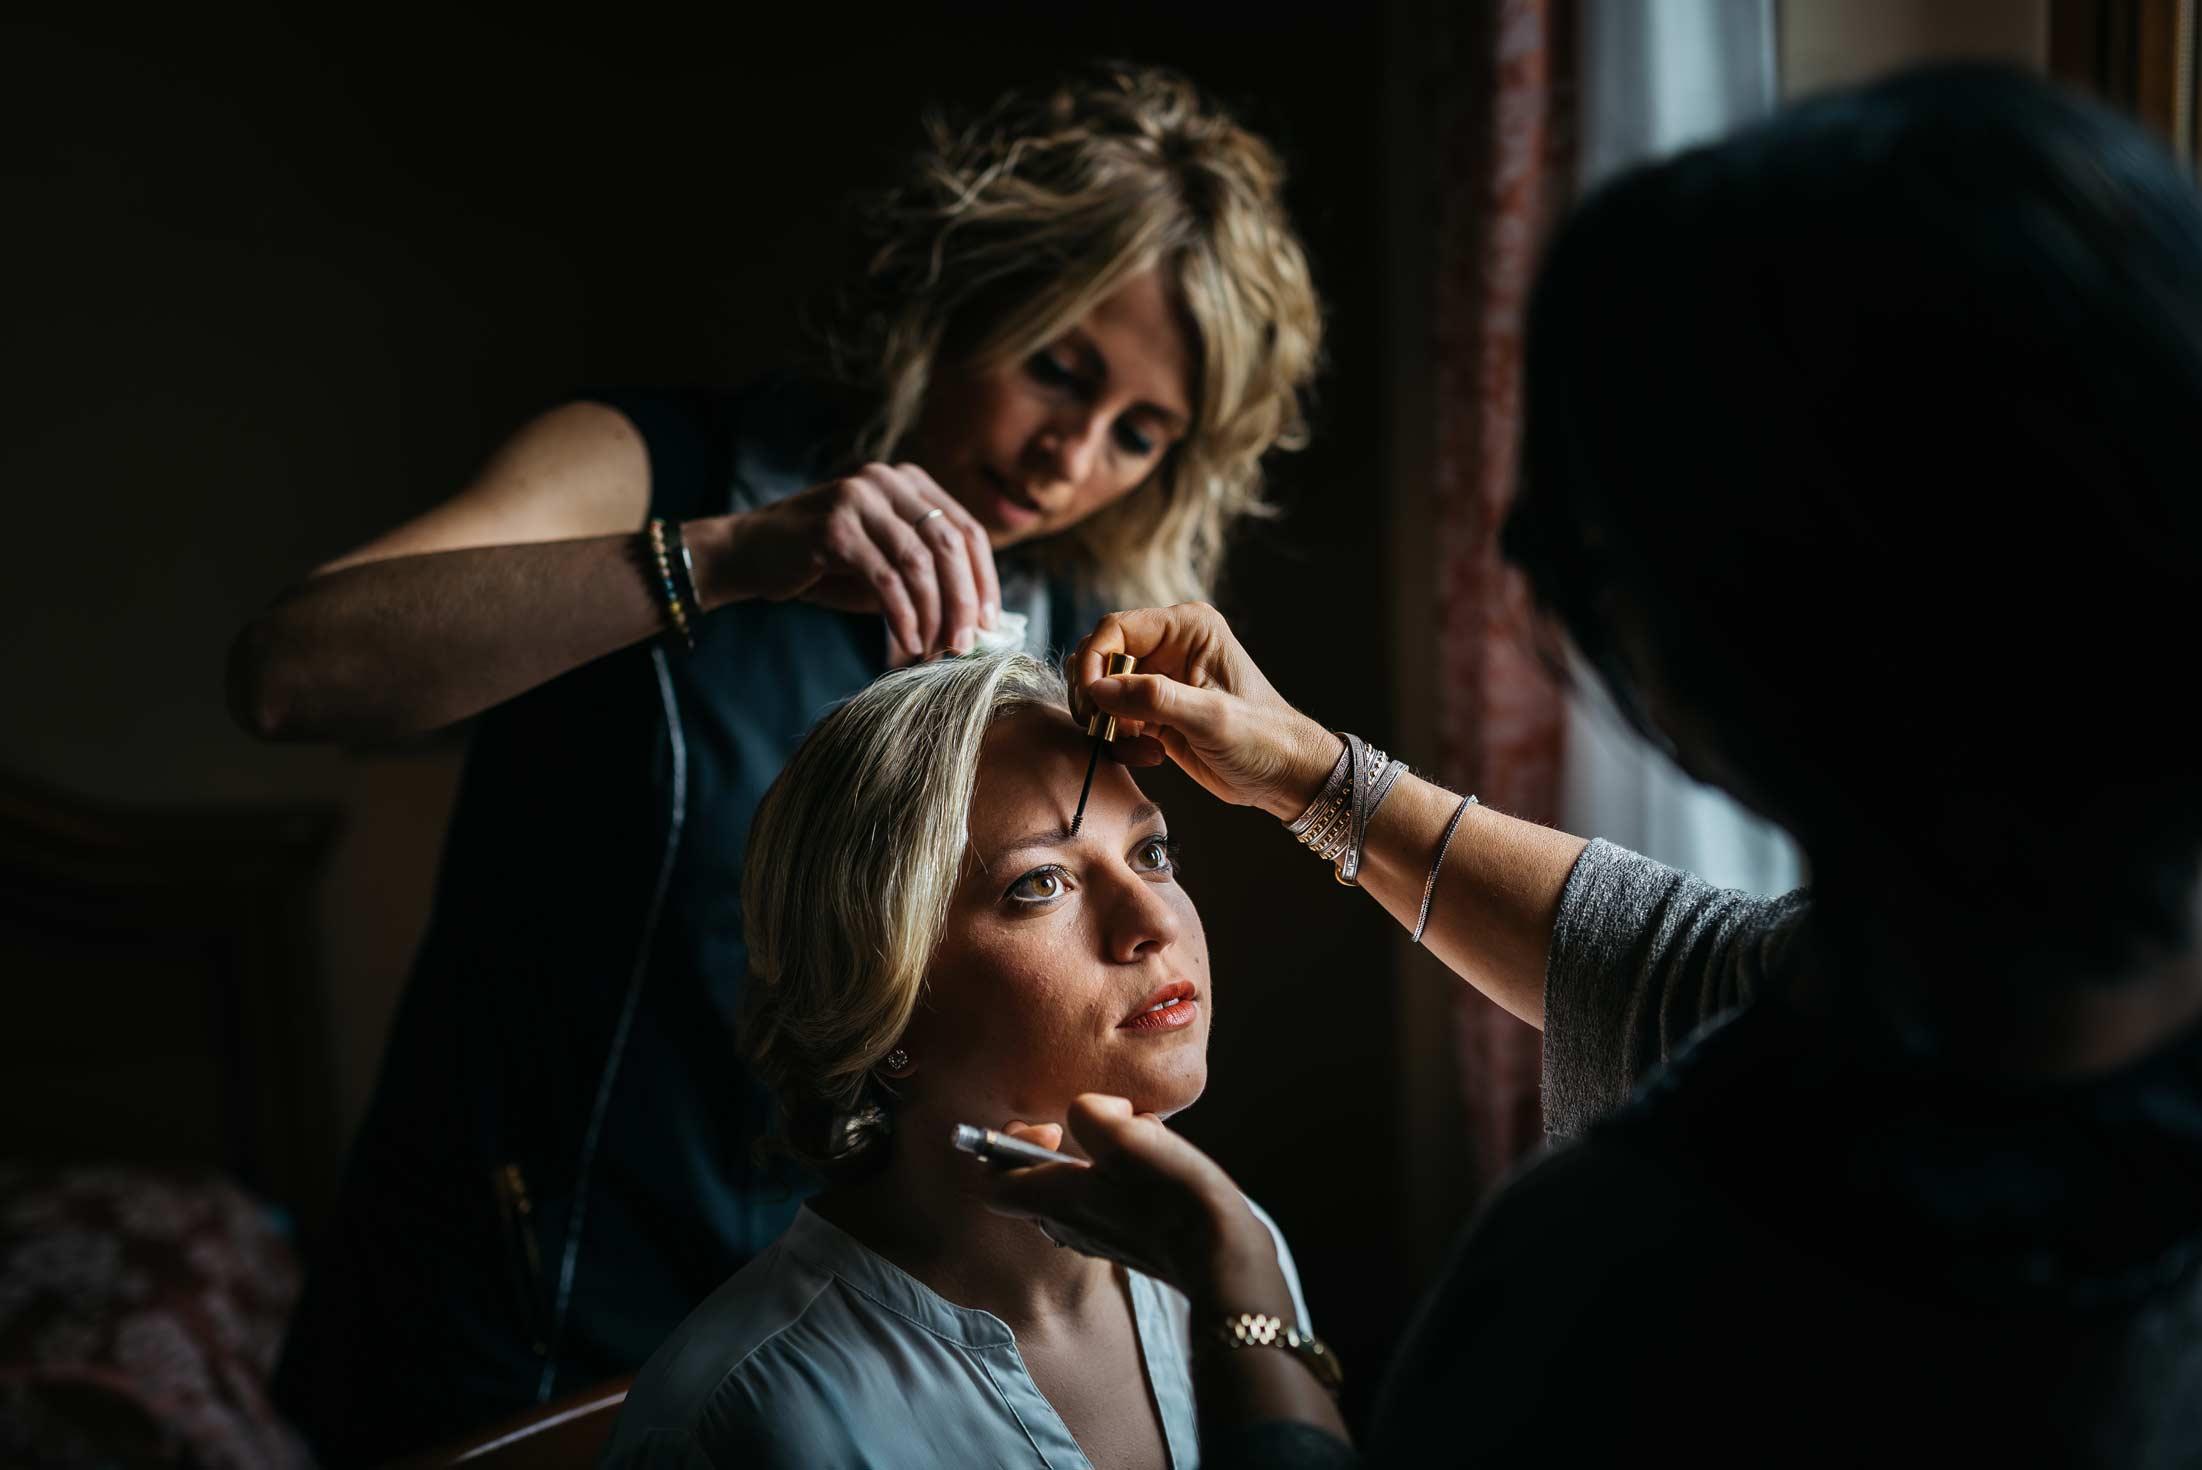 Fotografi-Di-Matrimonio-Stile-Reportage-Preparativi-Sposa